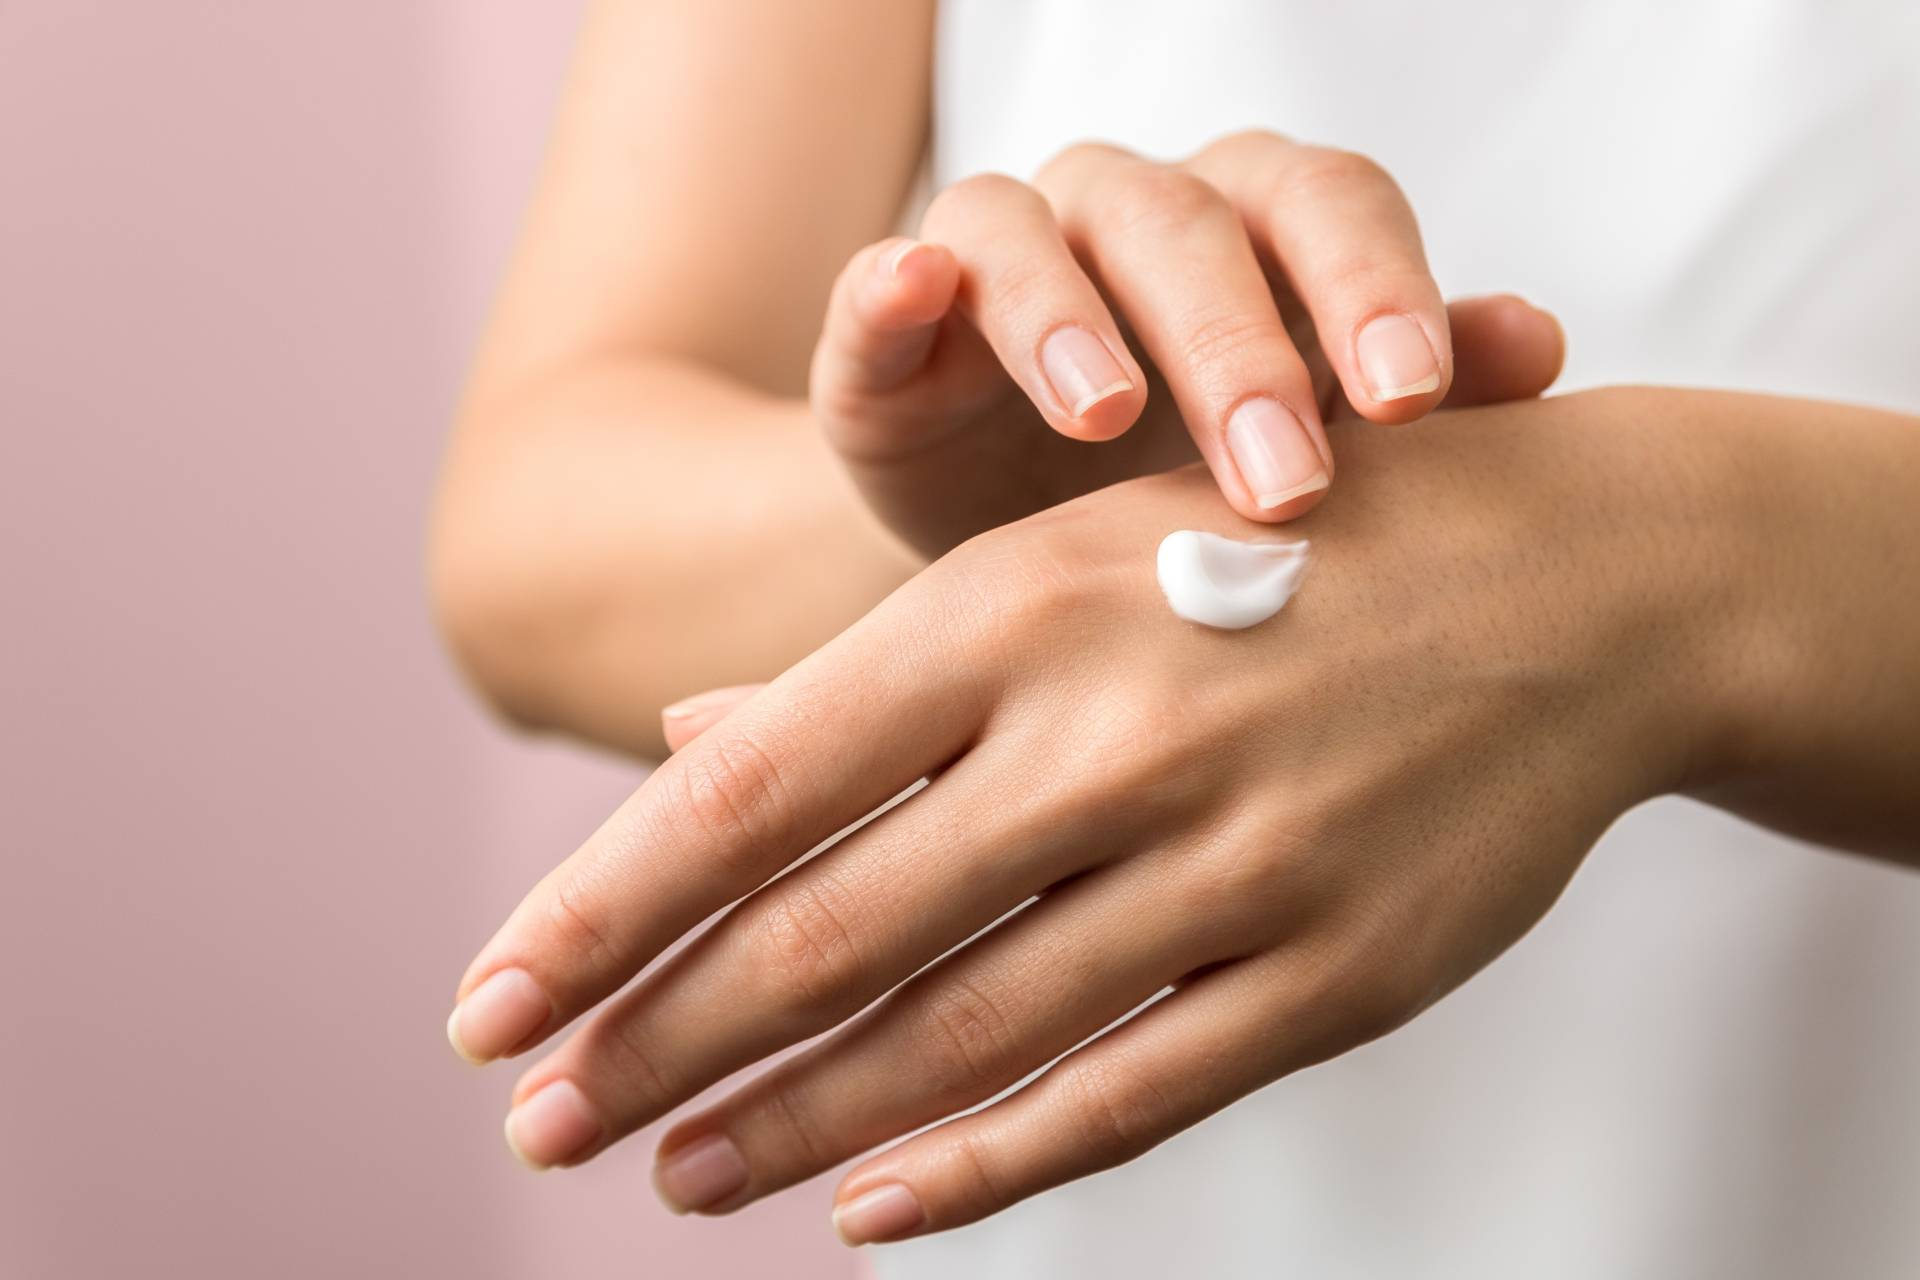 Pielęgnacja dłoni - jak dbać o przesuszone dłonie?